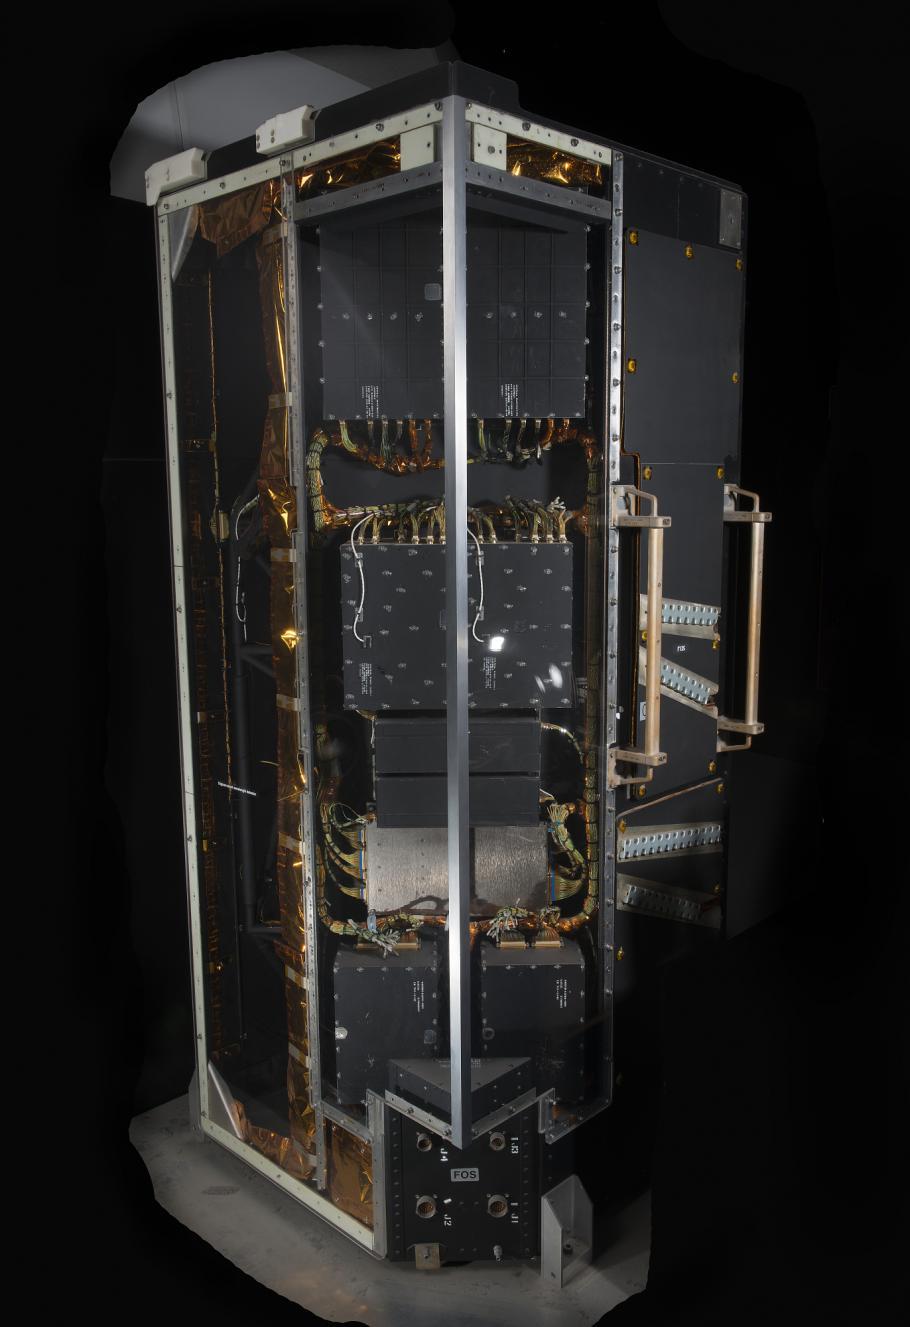 instrument set against black background.